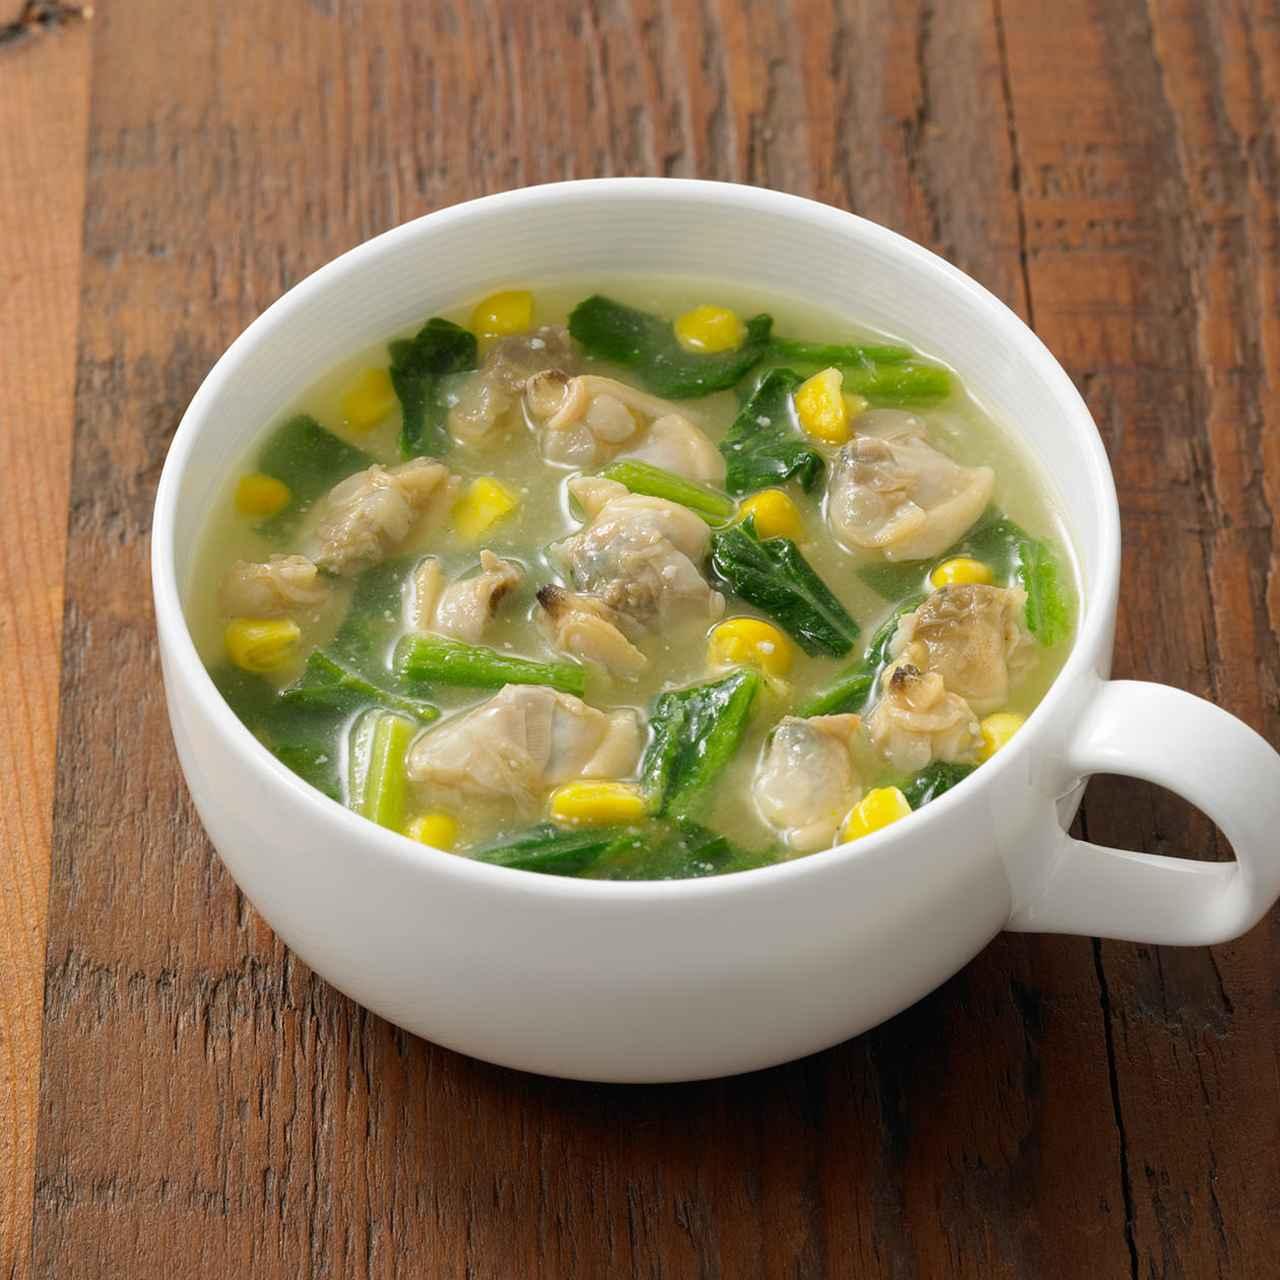 画像: 食べるスープ あさりとコーンのクラムチャウダー4食 通販 | 無印良品